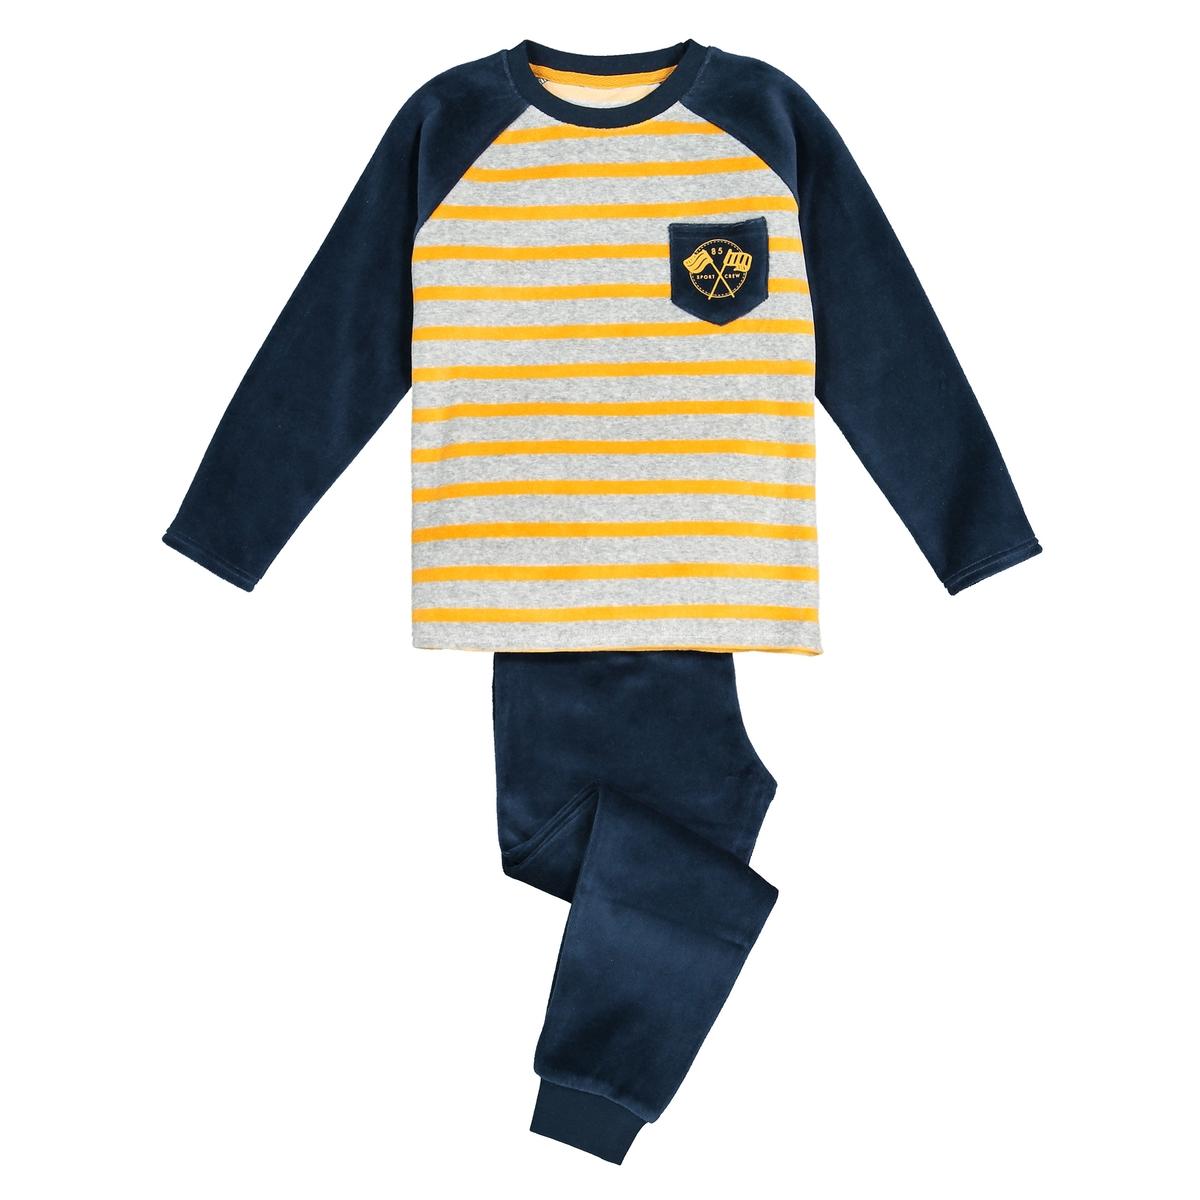 Пижама La Redoute Велюровая в полоску 3 года - 94 см серый футболка la redoute с круглым вырезом и принтом спереди 3 года 94 см серый